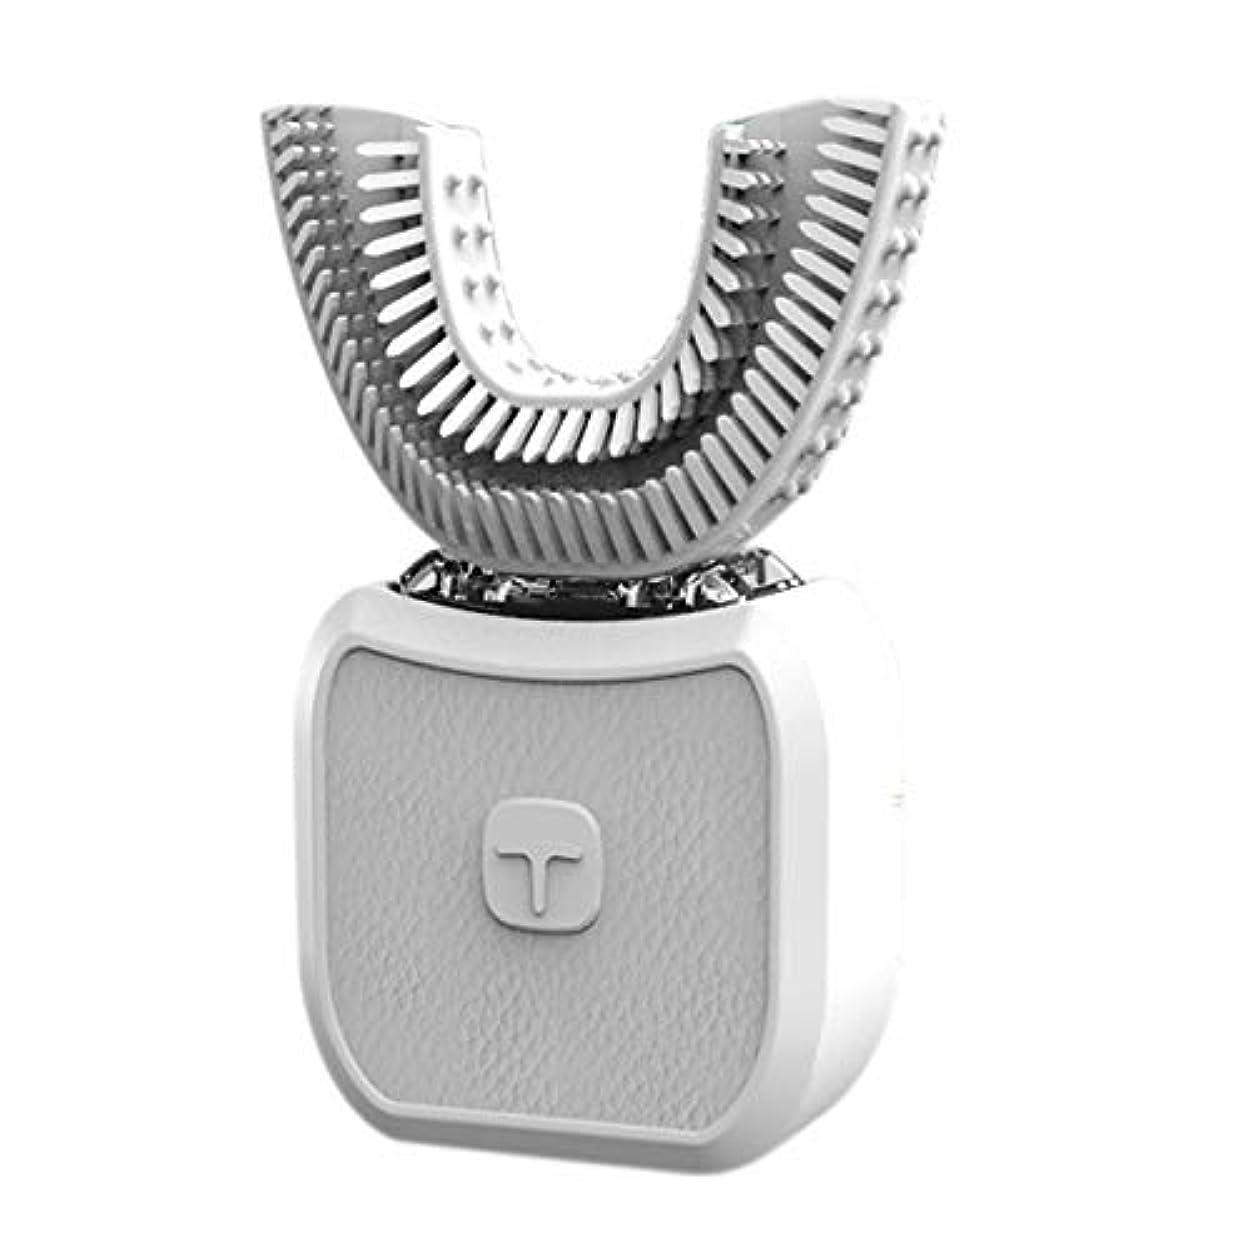 聴く足首ミネラルフルオートマチック可変周波数電動歯ブラシ、自動360度U字型電動歯ブラシ、ワイヤレス充電IPX7防水自動歯ブラシ(大人用),White